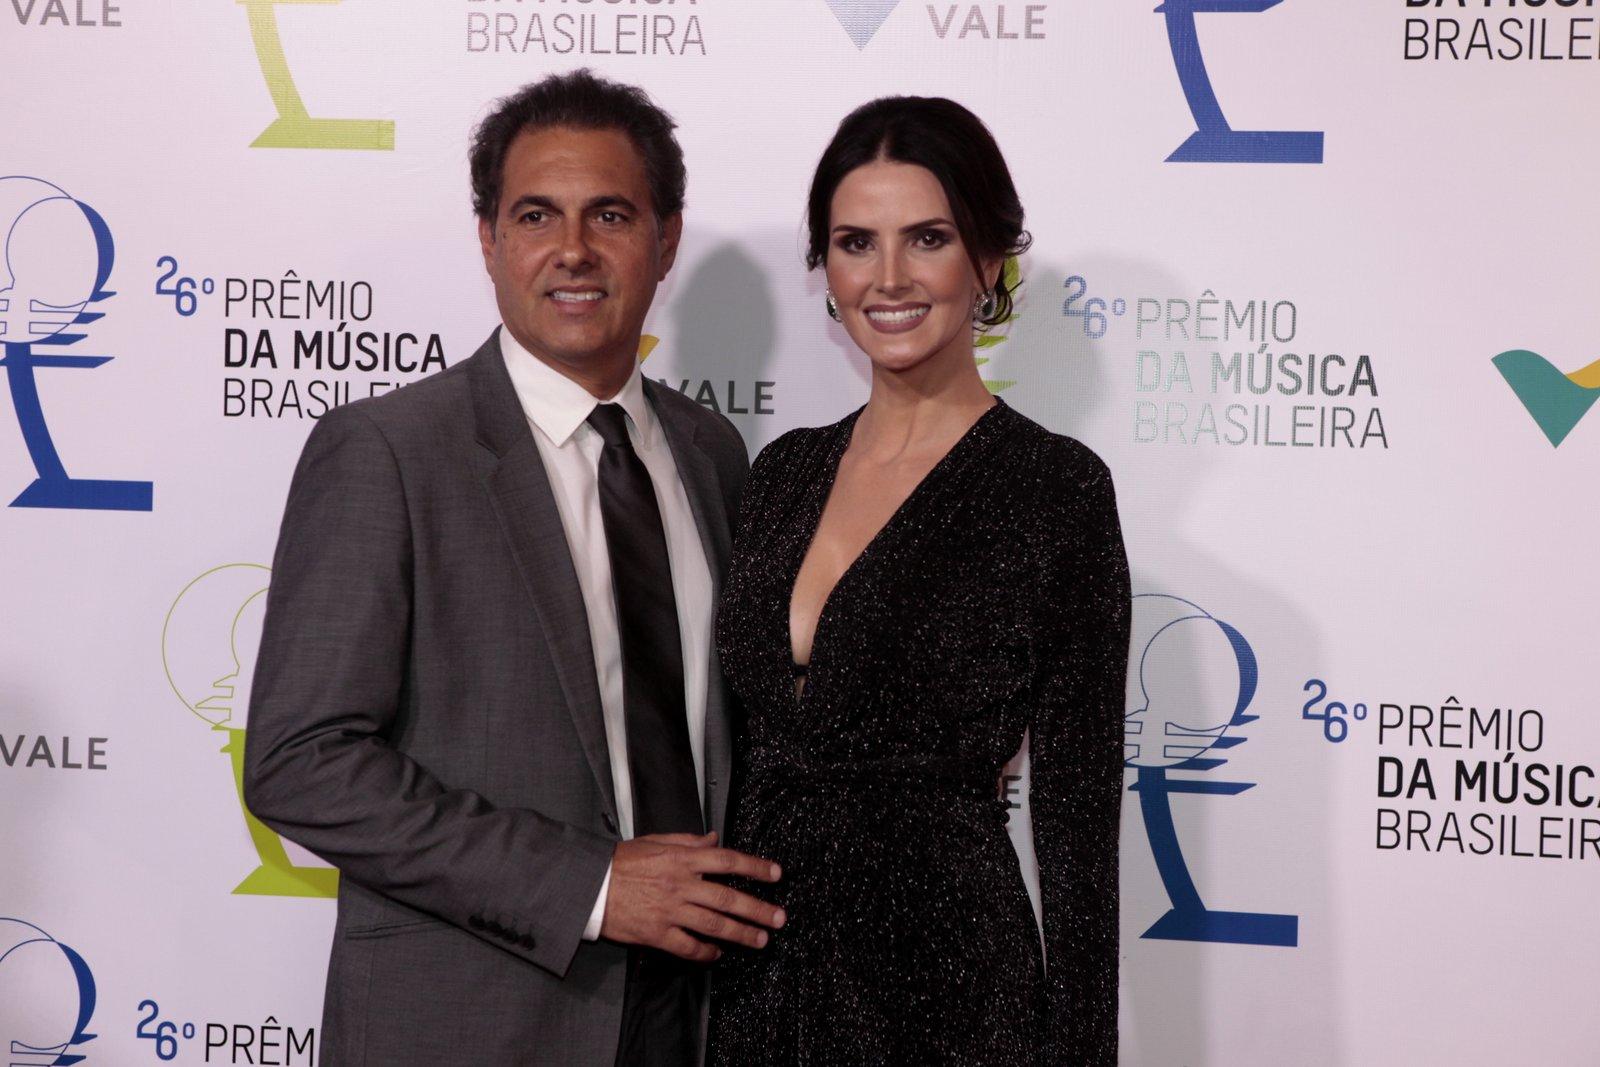 Lisandra Souto com o namorado, o empresário Gustavo Fernandes